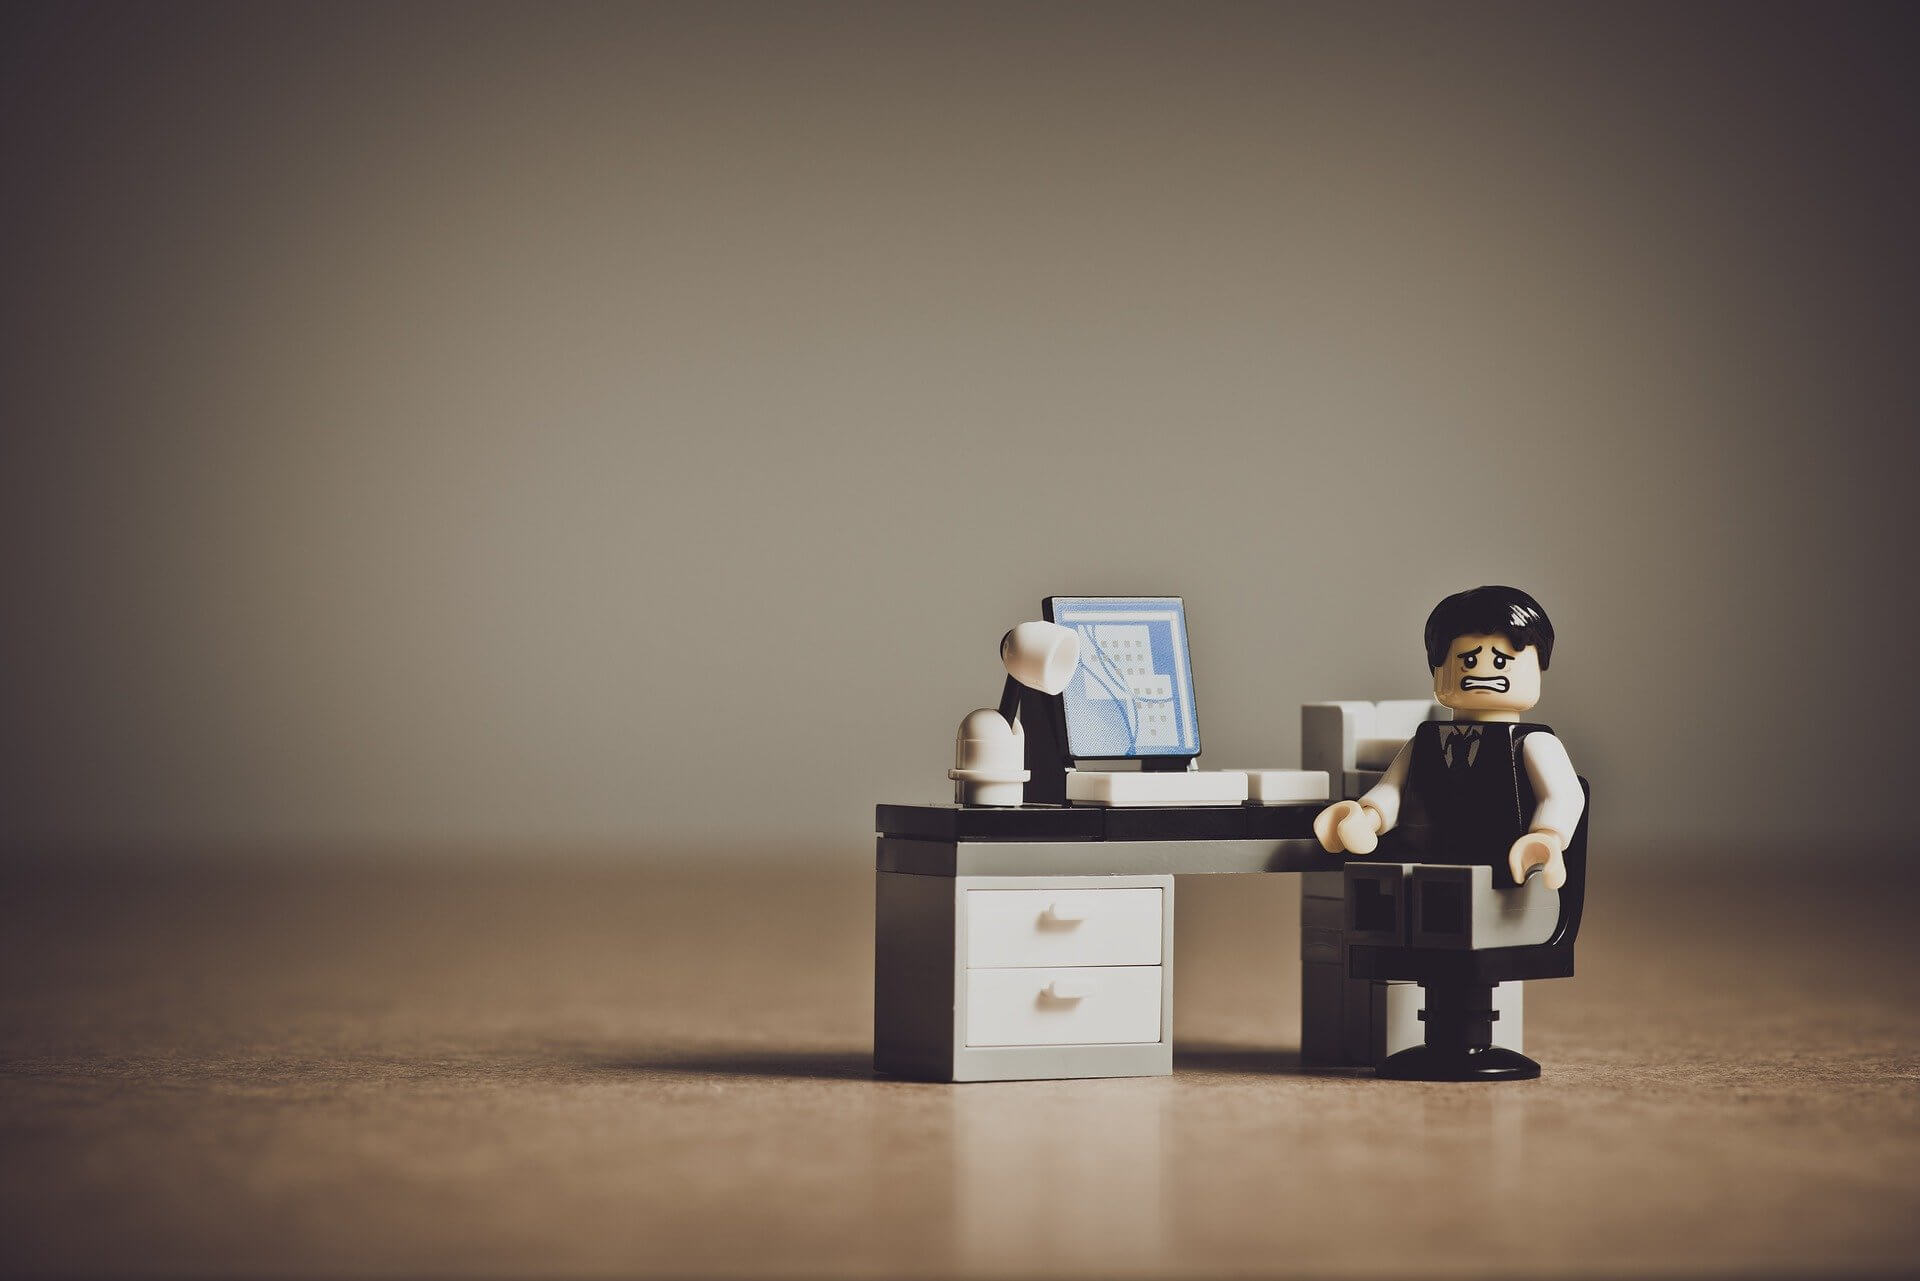 jak poradzić sobie z syndromem wypalenia zawodowego